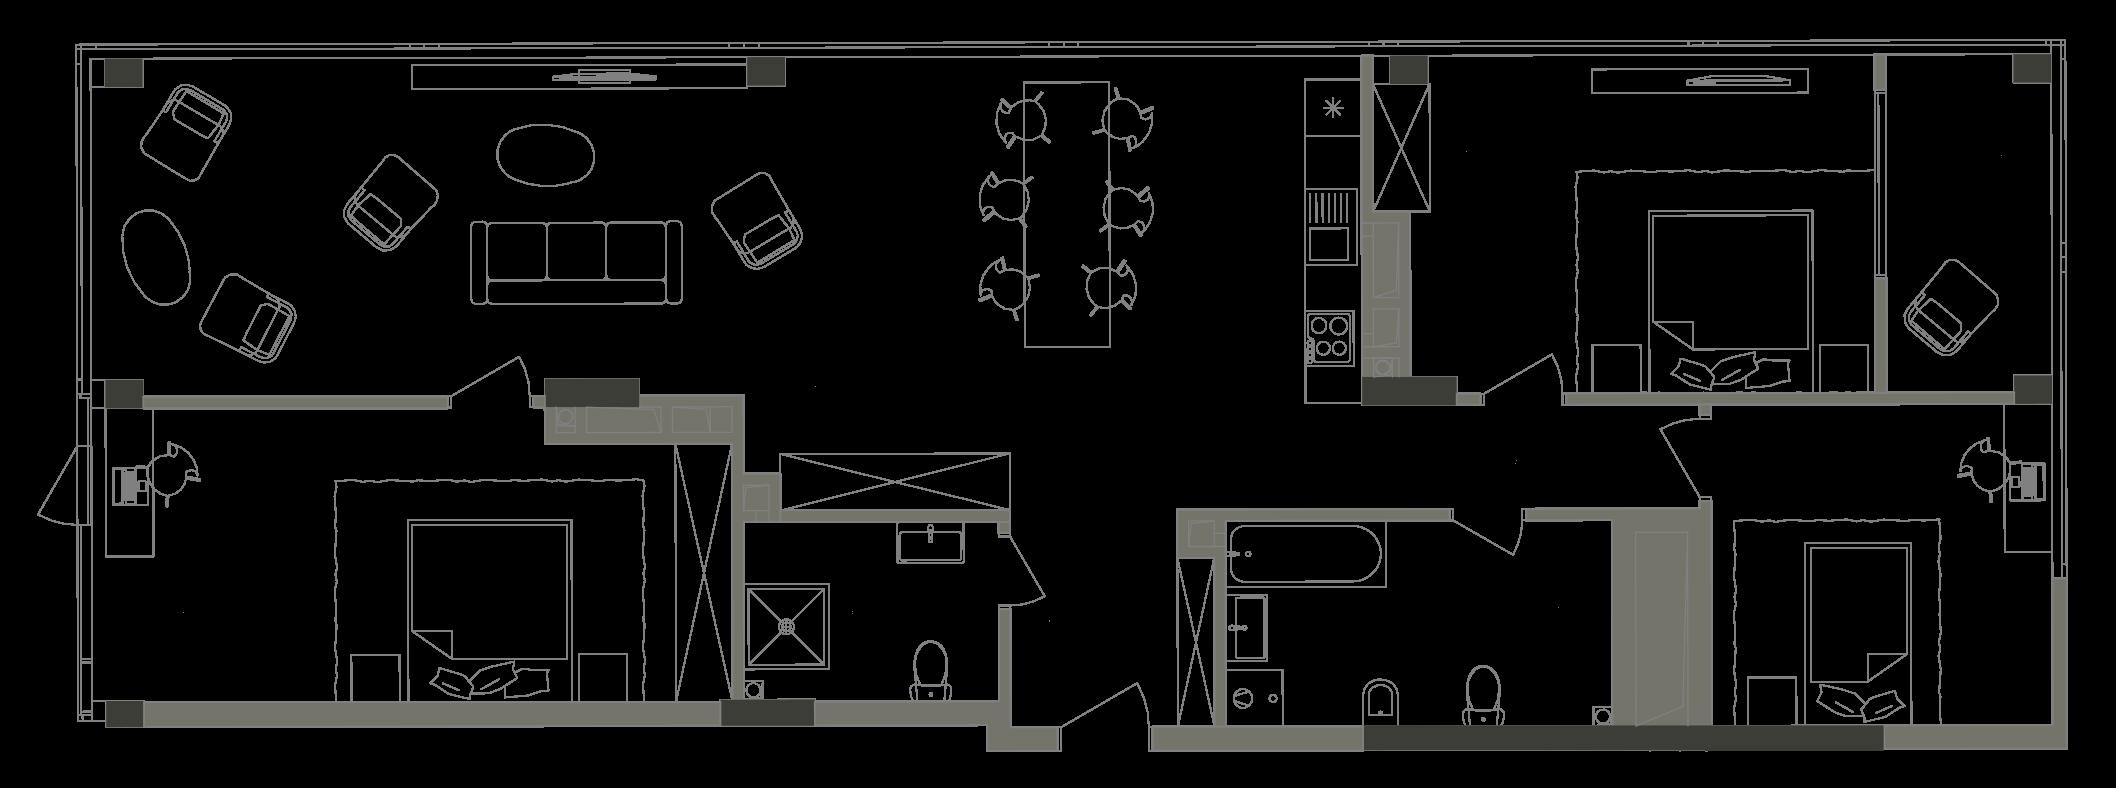 Квартира KV_94_3C_1_1_6